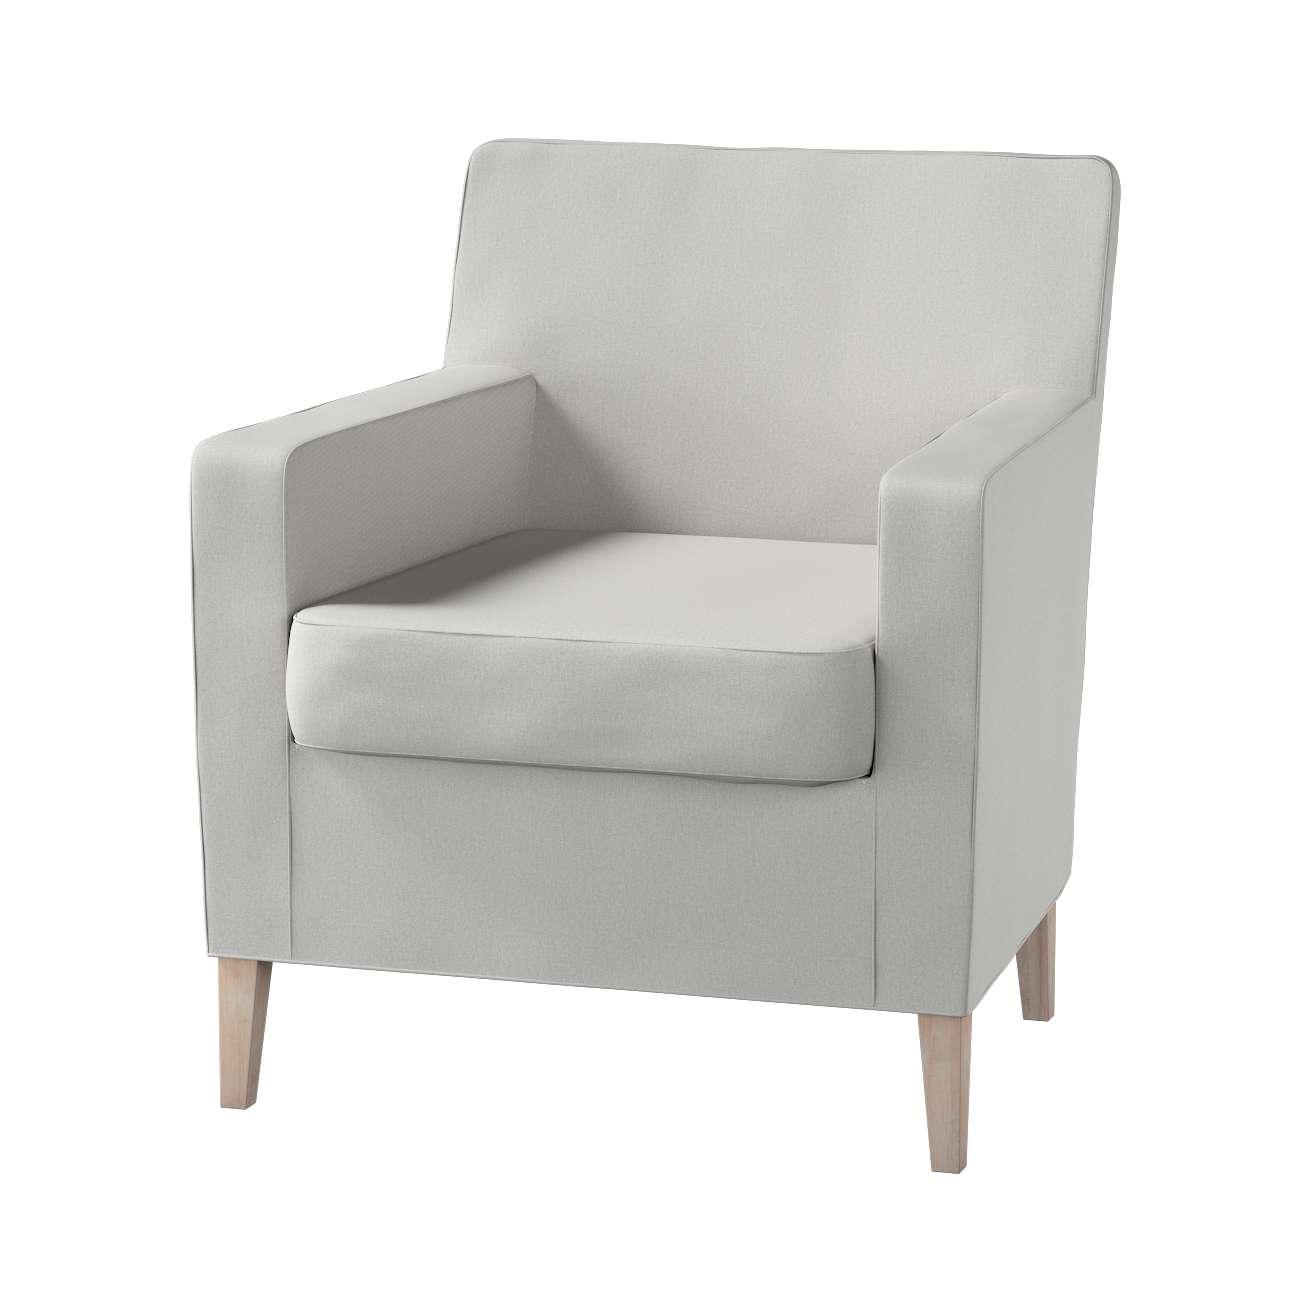 Karlstad fotelio-kėdės užvalkalas Karlstad fotelio - kėdės užvalkalas kolekcijoje Etna , audinys: 705-90